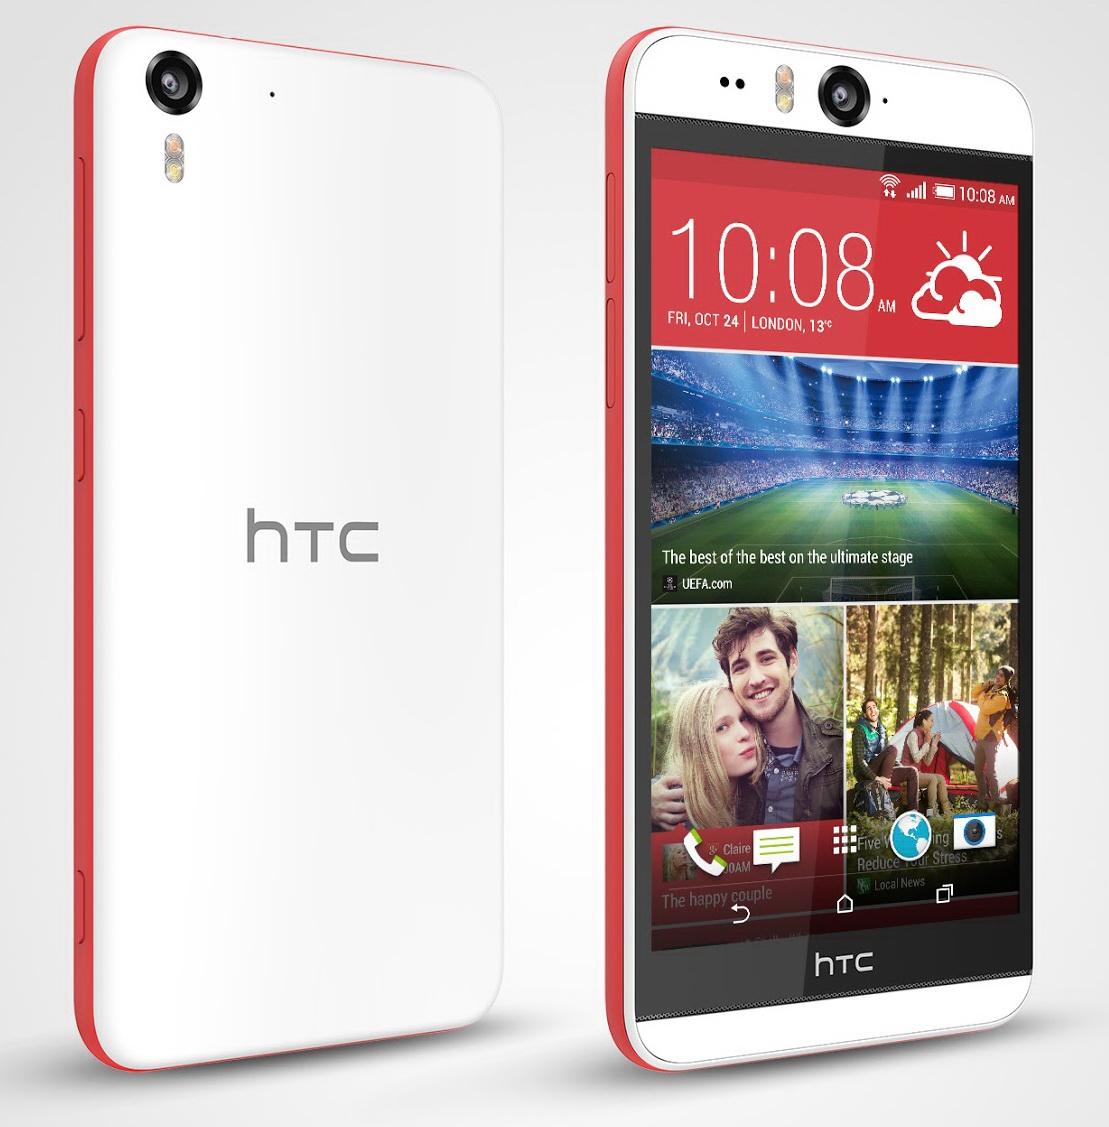 HTC anunță oficial telefonul Desire Eye, cu cameră selfie de 13 megapixeli și blitz dual LED frontal